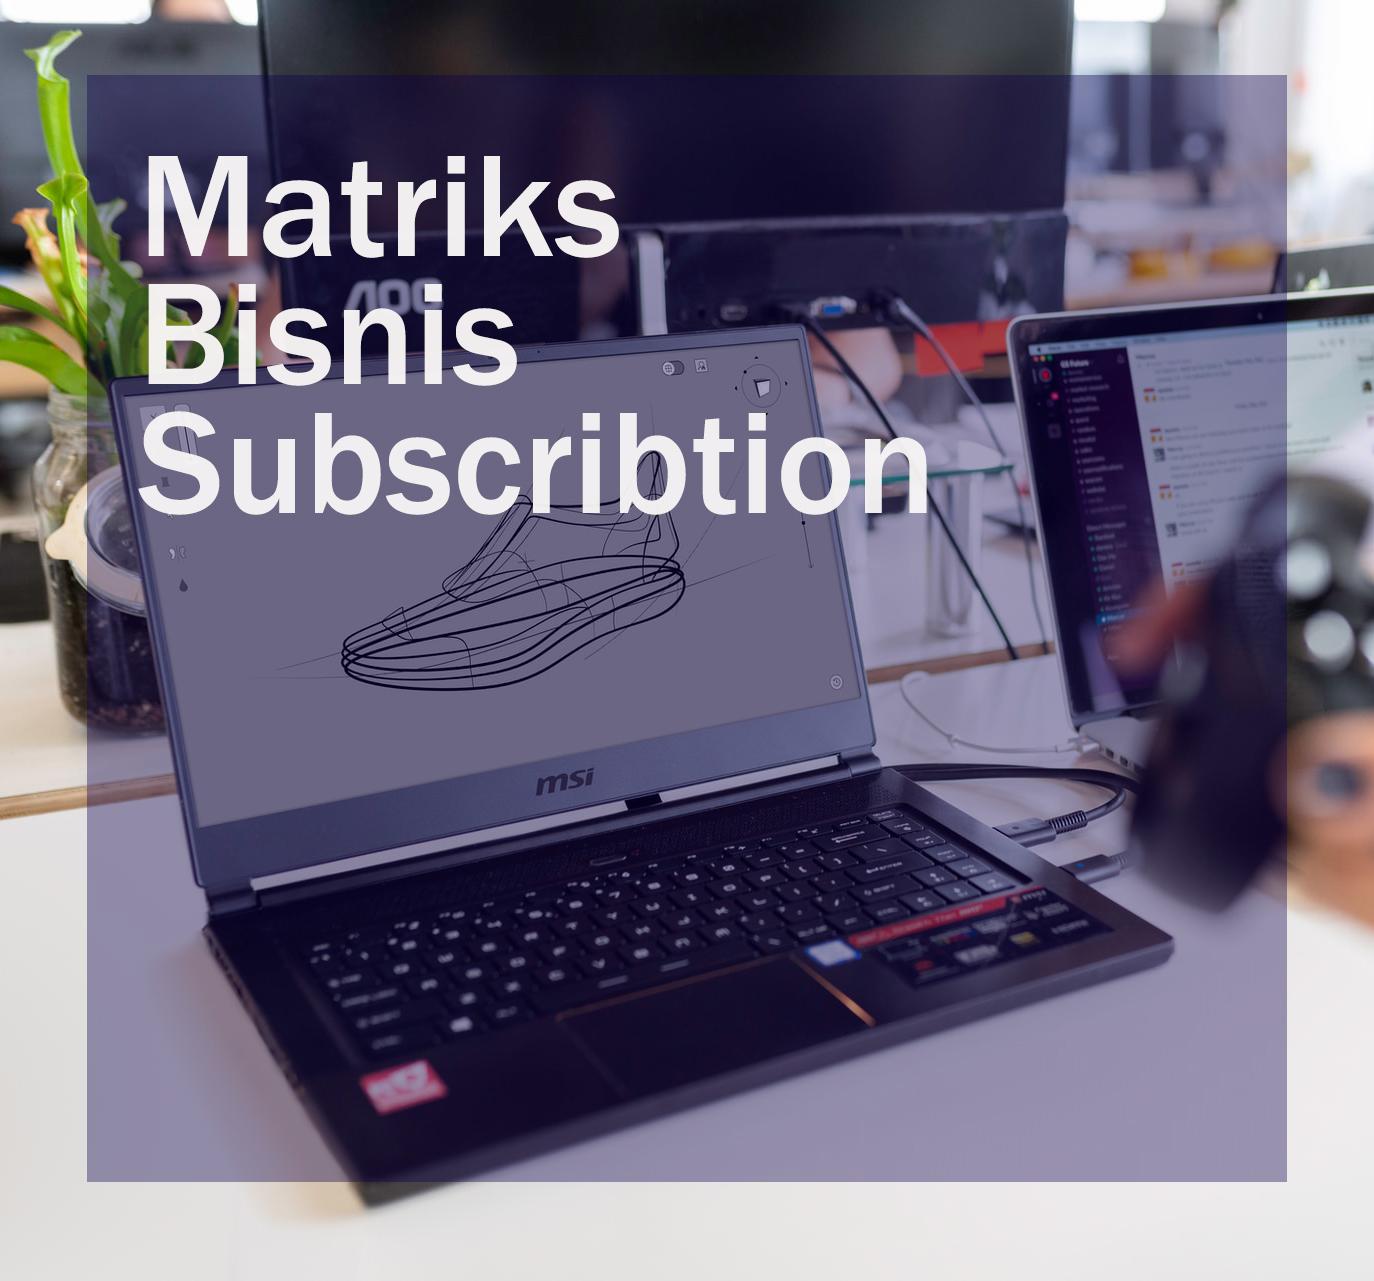 Matriks Bisnis Subscribtion Dalam Startup Saas/IaaS/PaaS